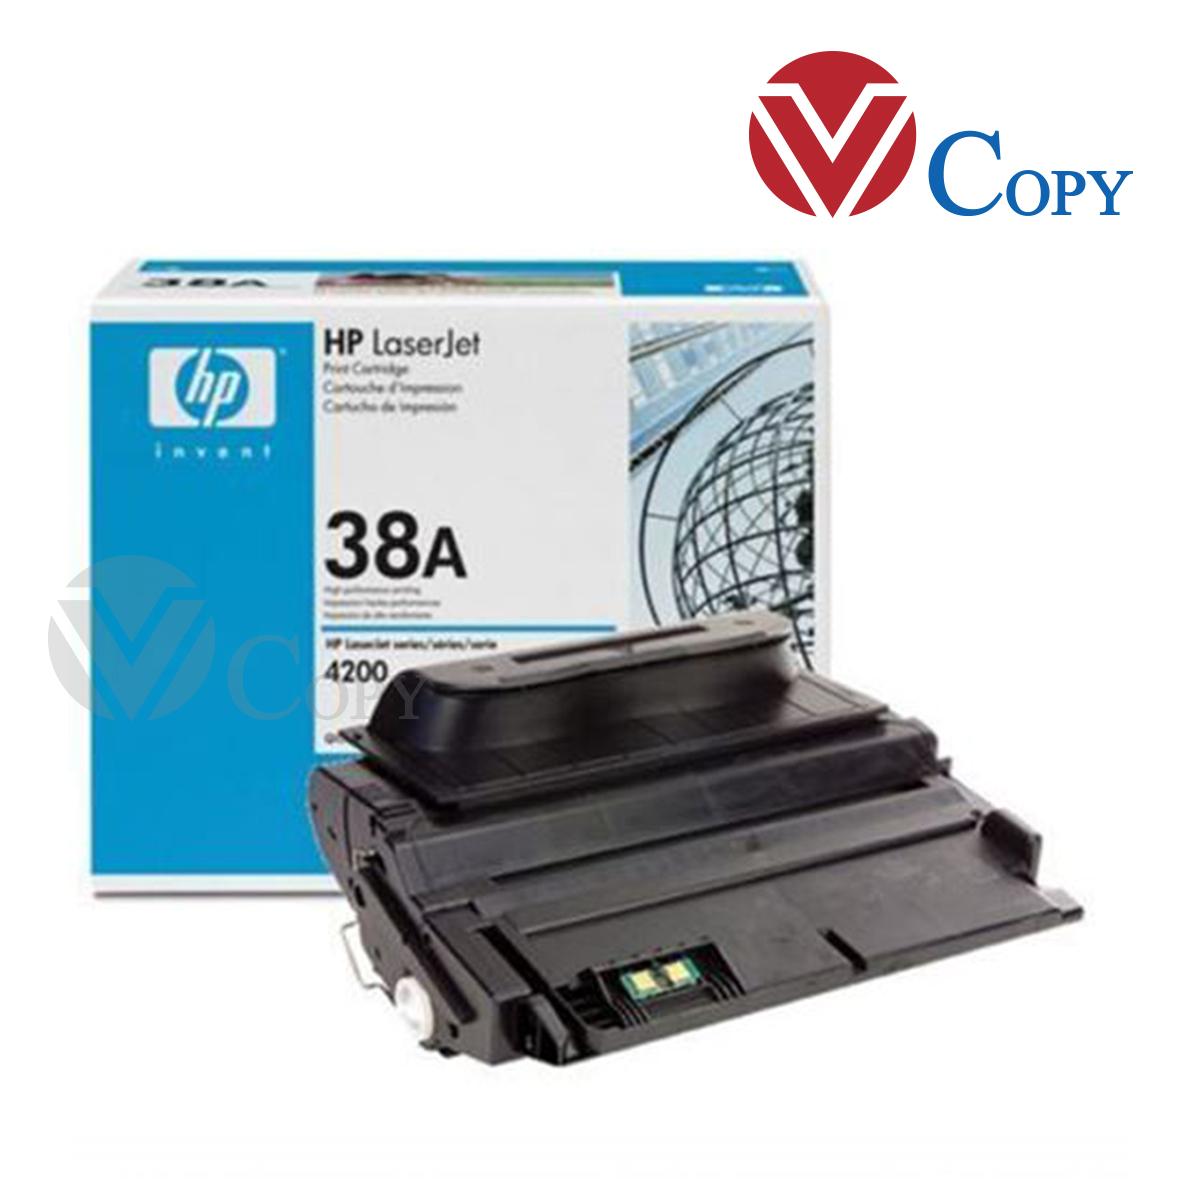 Hộp mực Thương hiệu, mực 39A dùng cho máy in HP-Laser Jet 4300/ 4300N/ 4300TN / 4300DTN/ 4300DTNS/ 4300DTNSL